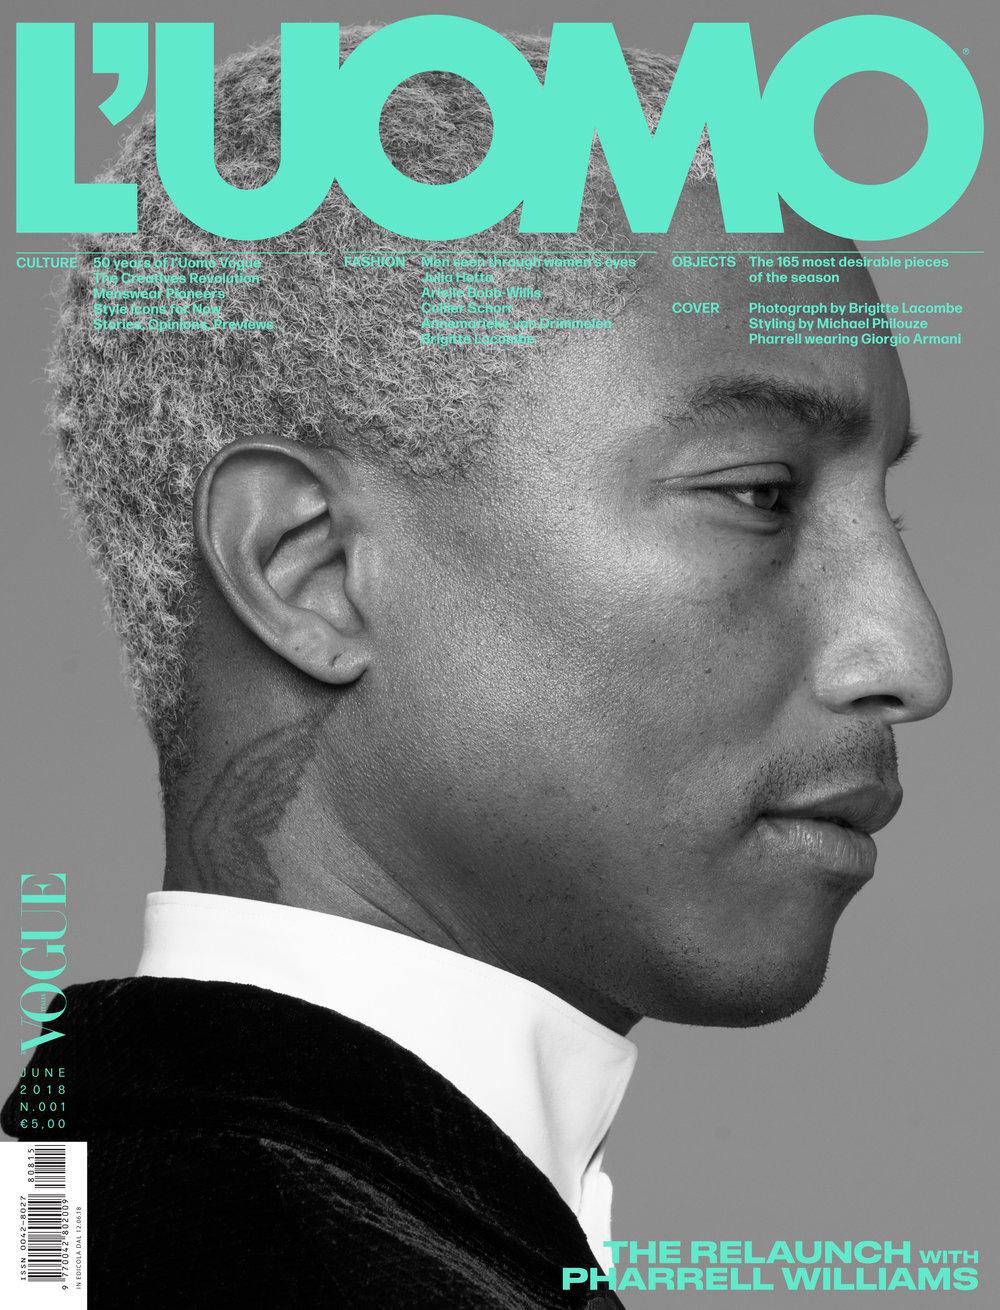 Pharrell Williams, Los Angeles, 2018